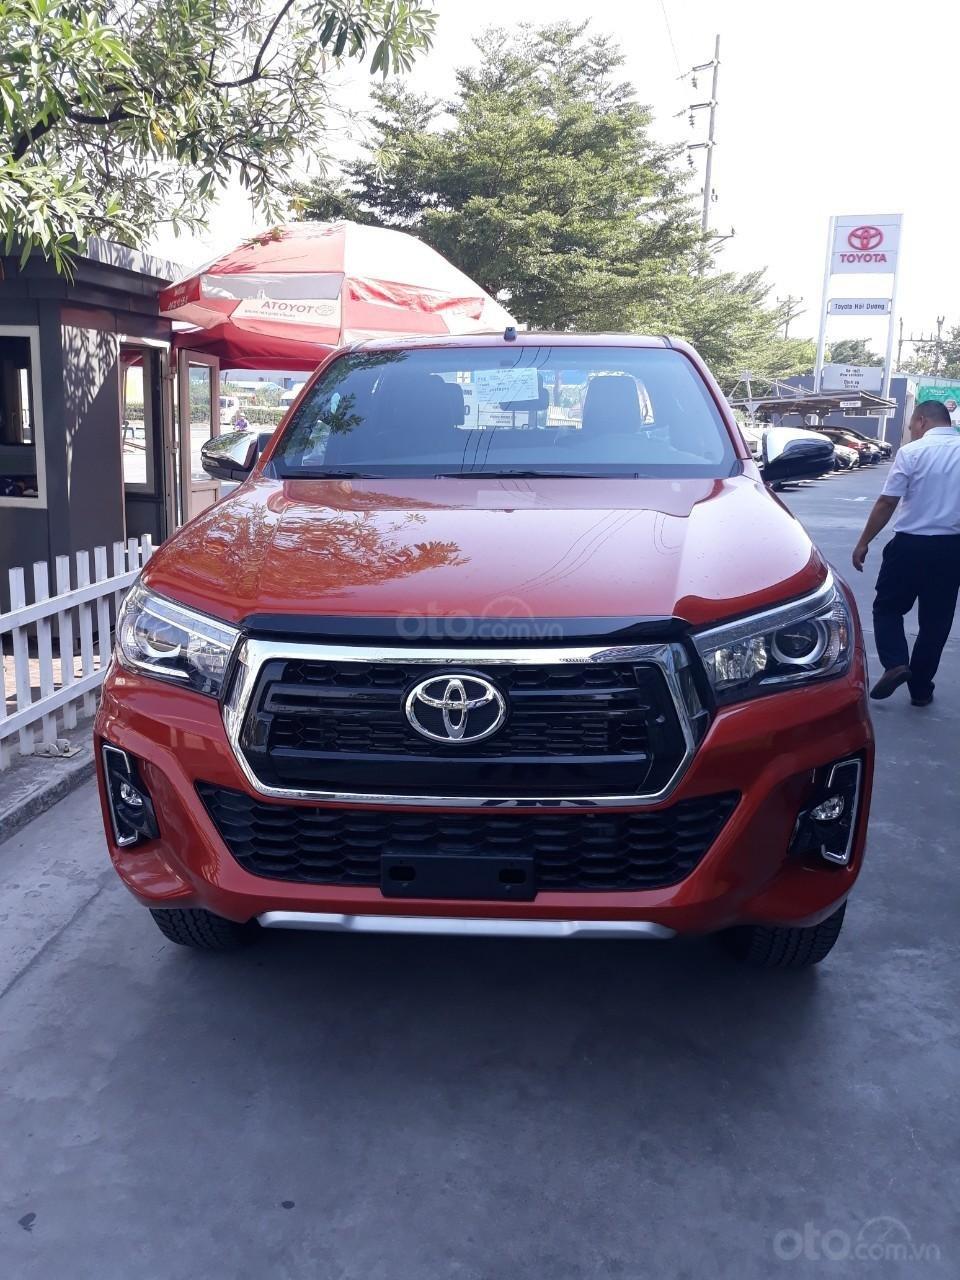 Bán Toyota Hilux tự động 2019 trả góp tại Hải Dương, hotline: 0976394666 Mr Chính (6)